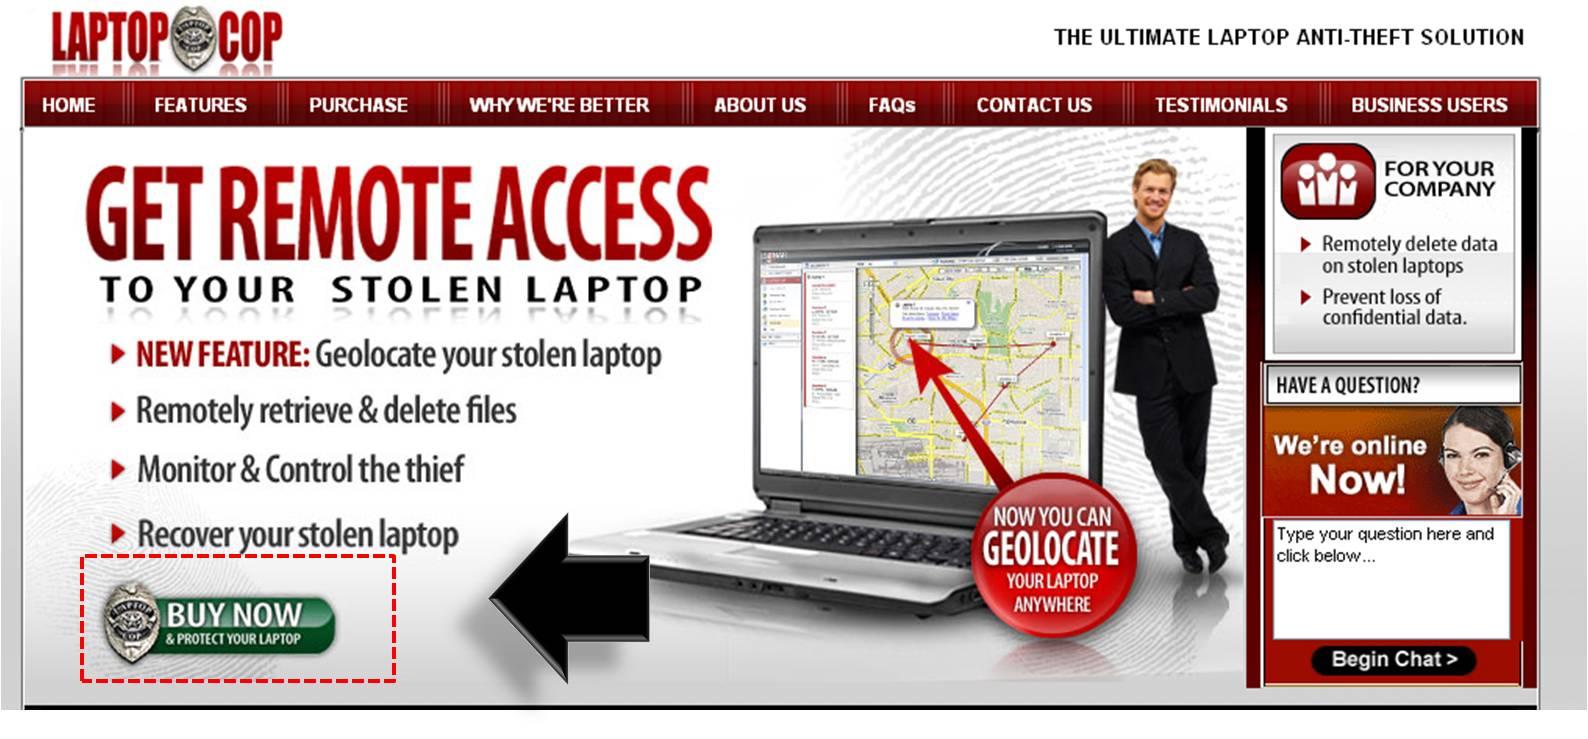 Laptop discount coupons